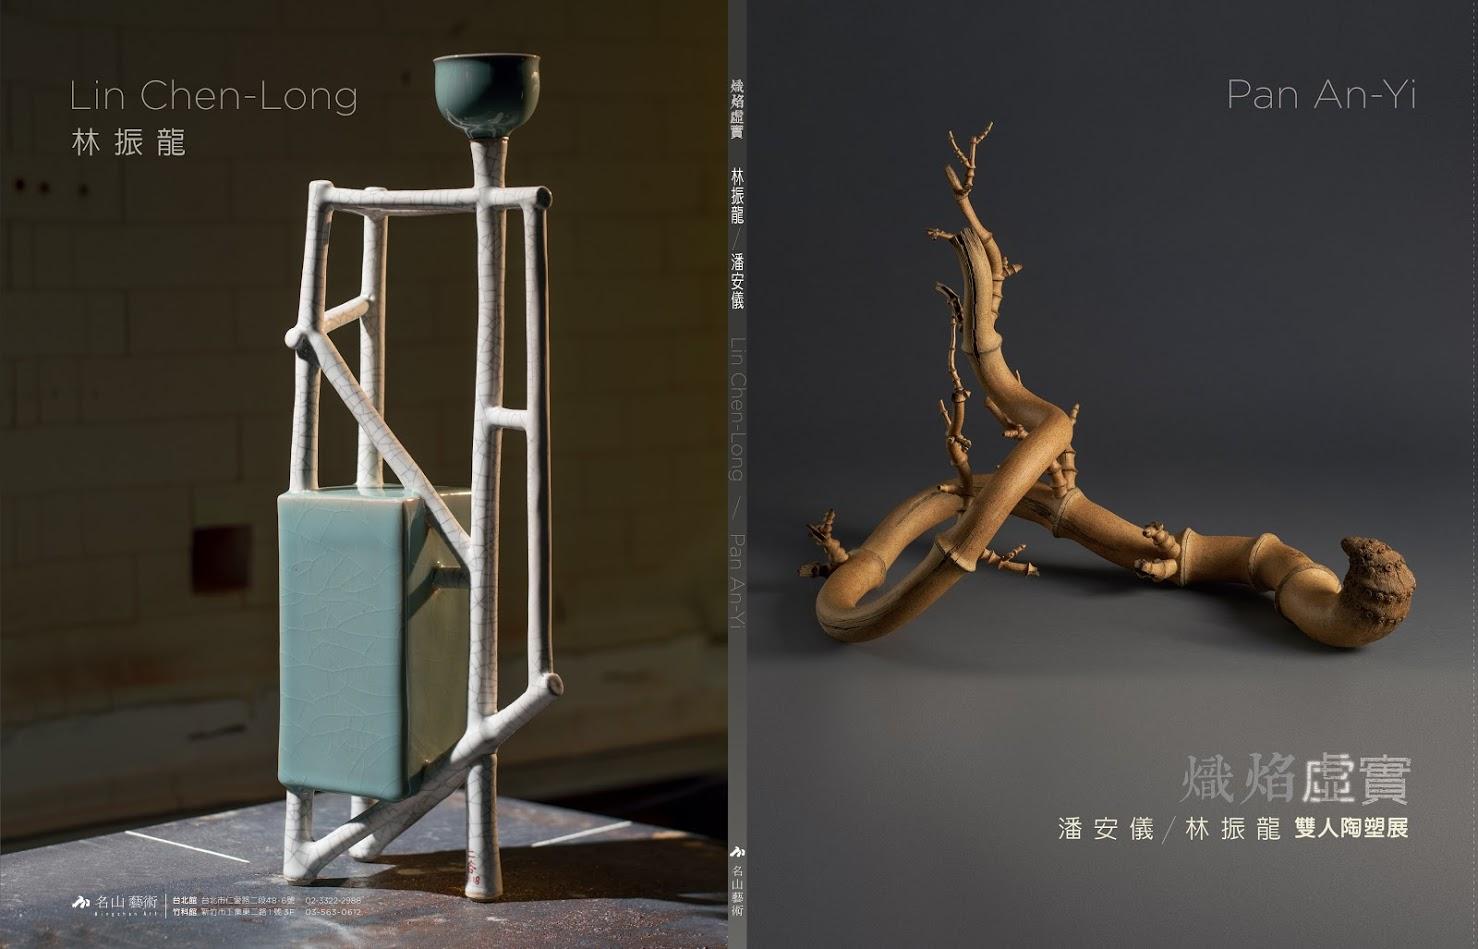 《熾焰虛實》 潘安儀、林振龍雙人陶塑創作集